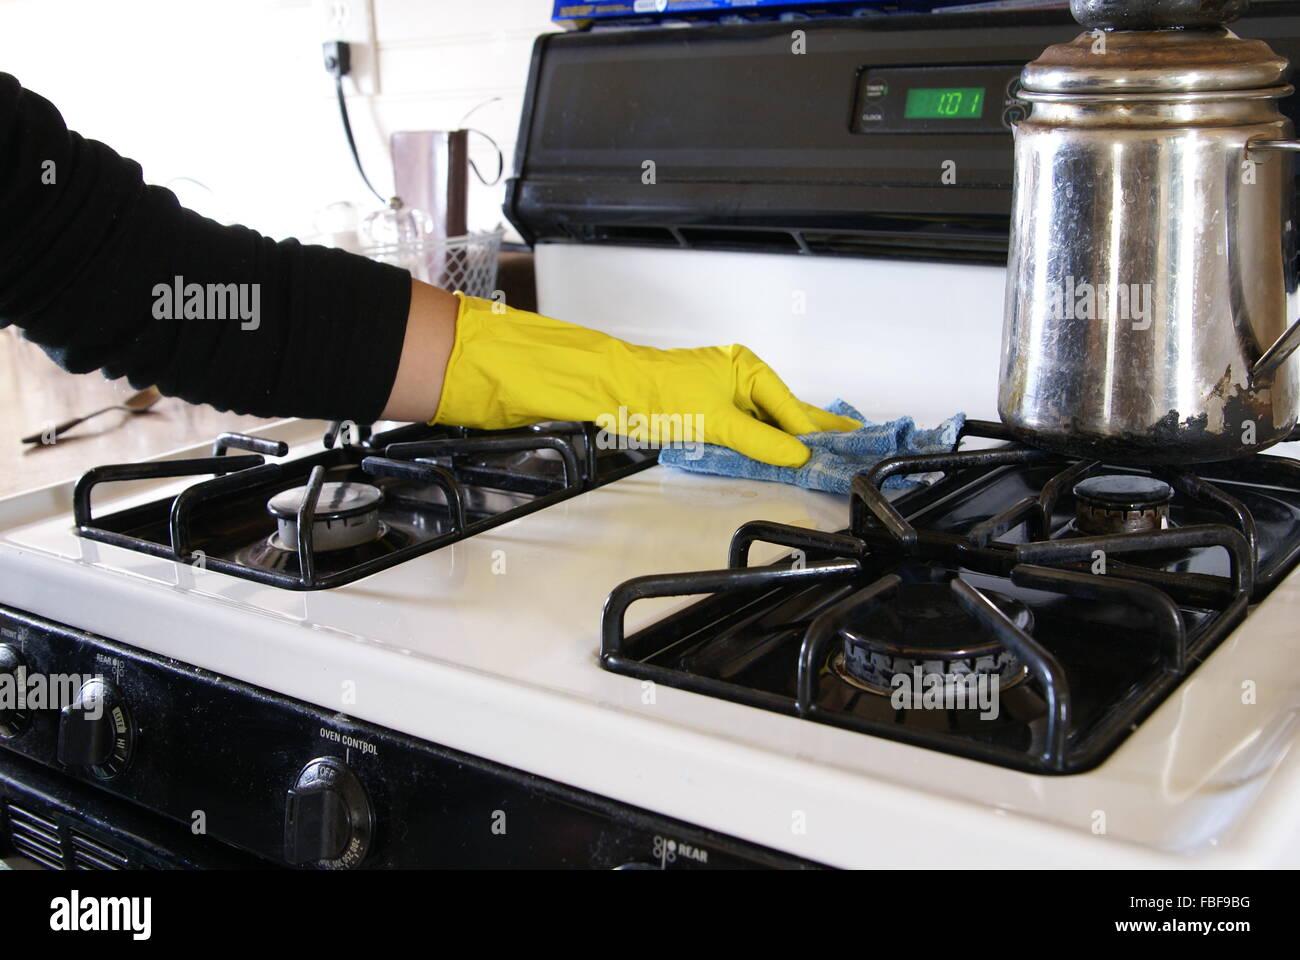 Frau Arm Mit Gelben Latex Handschuh Und Reinigungstuch Abwischen